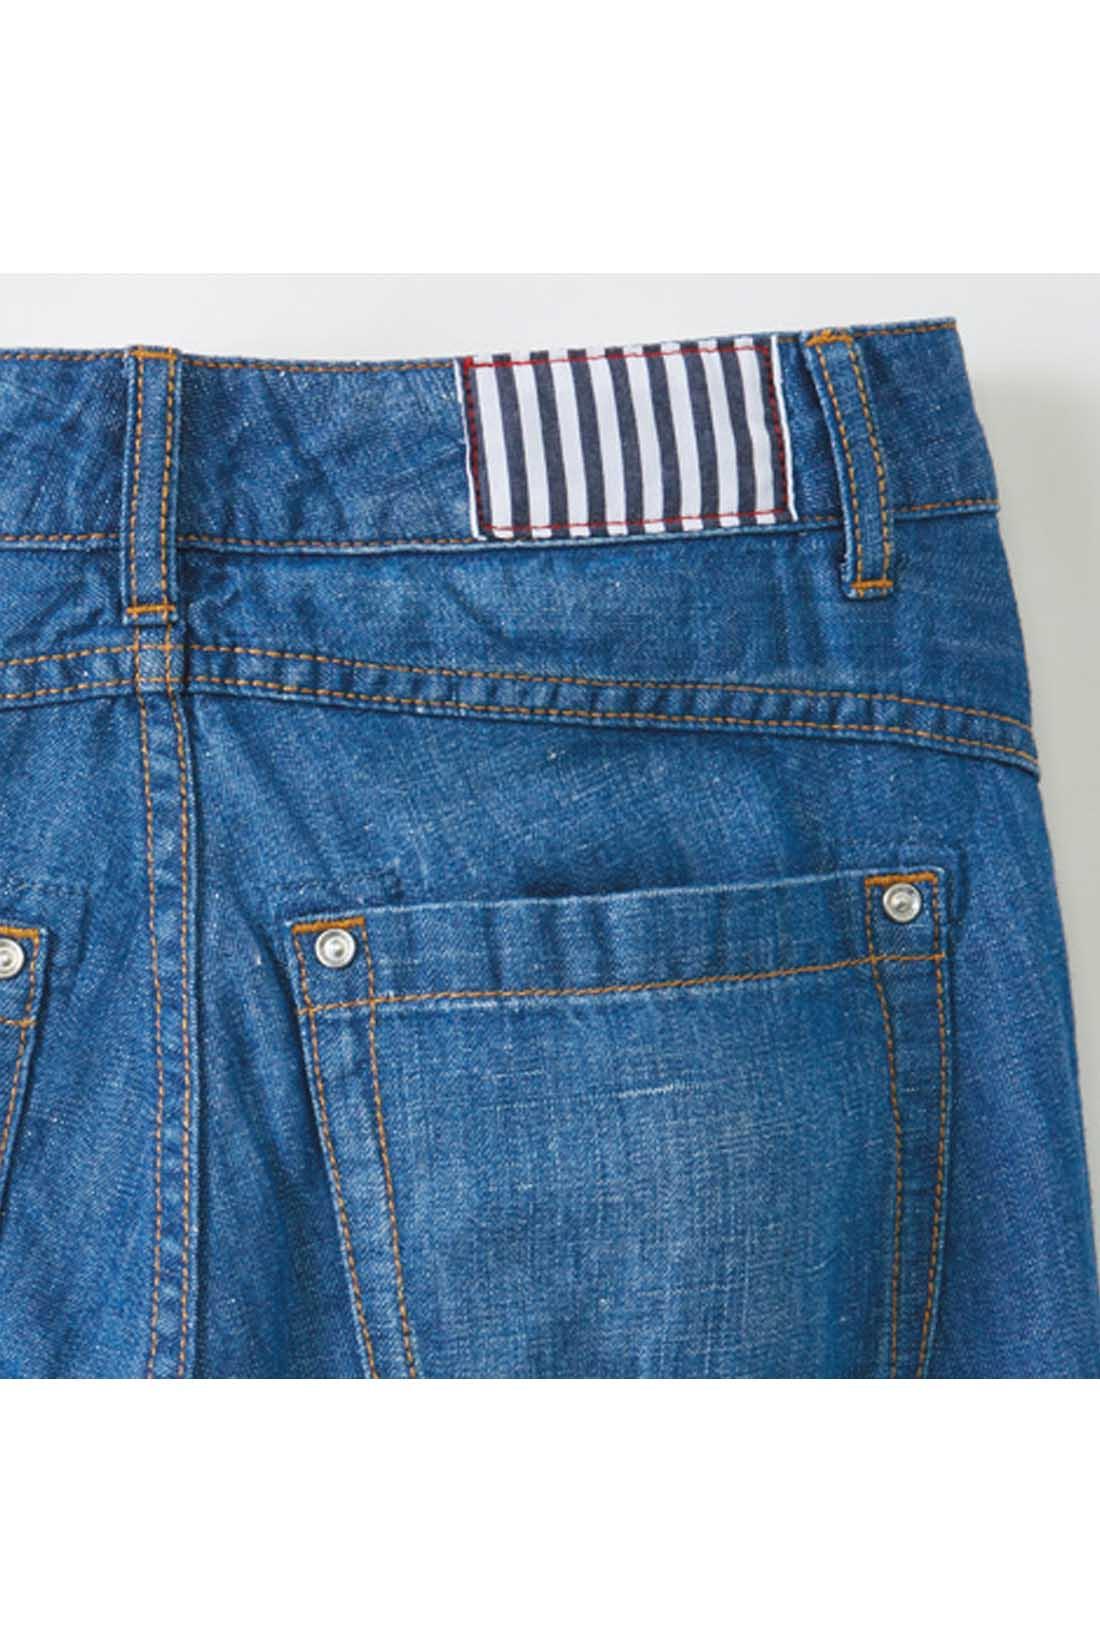 後ろヨーク+美尻ポケットですっきり見せ。ストライプの生地パッチもかわいいこだわり。